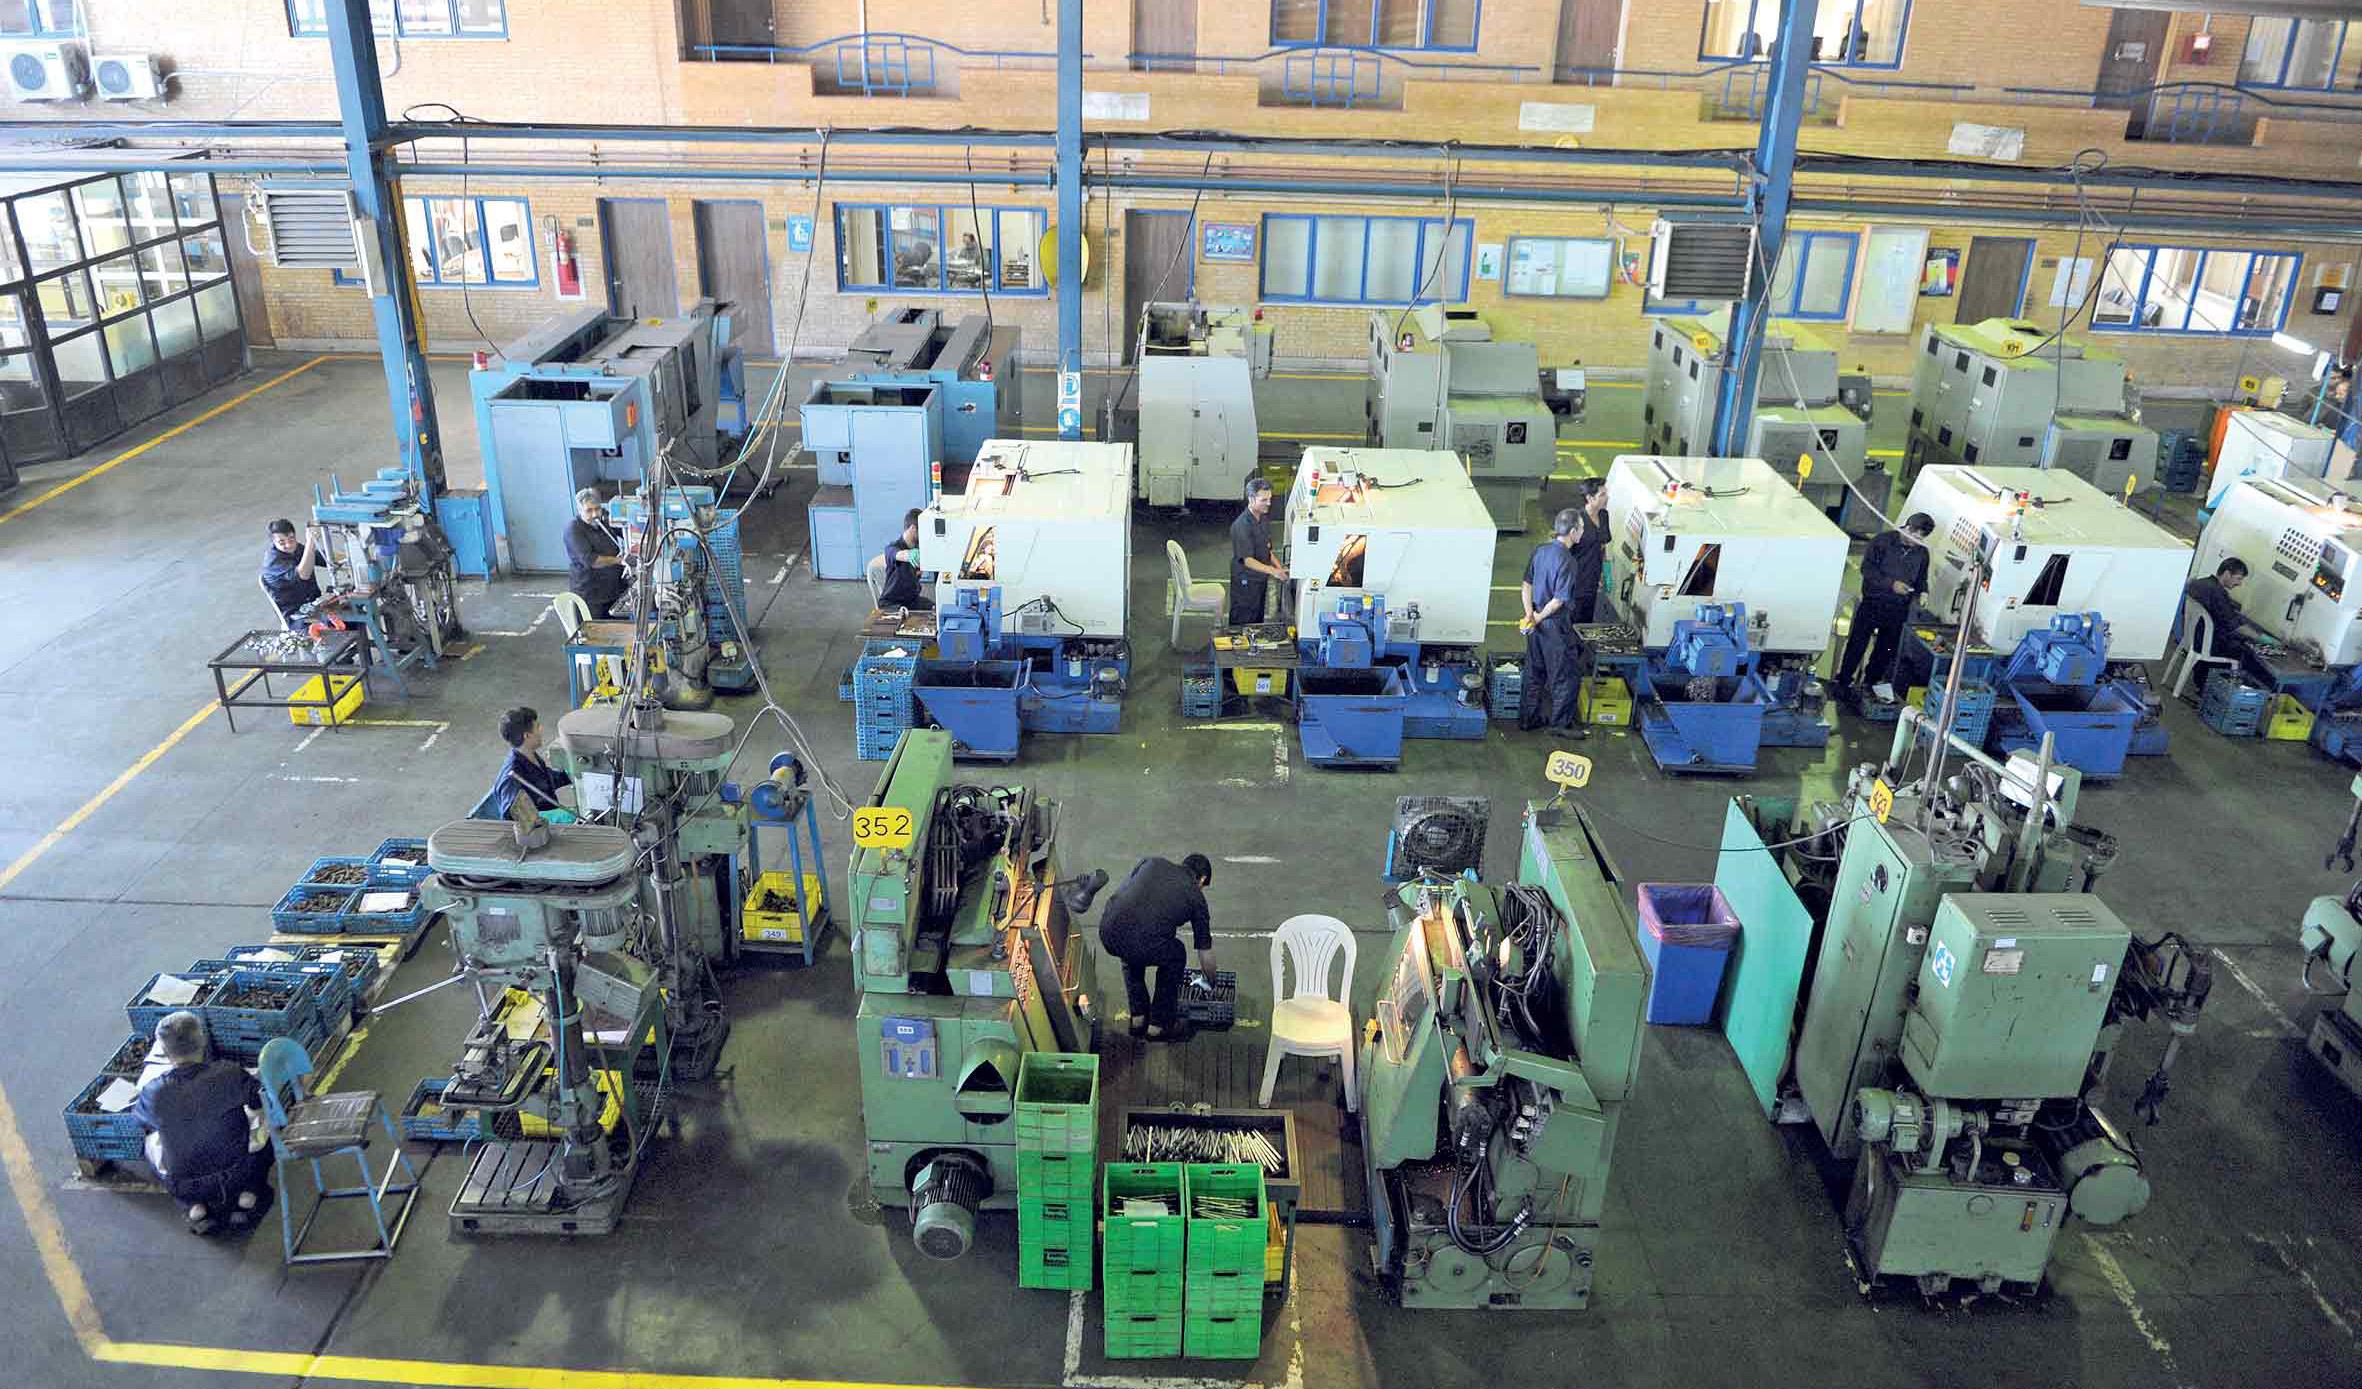 استقرار و توسعه واحدهای صنعتی و معدنی در محدوده ۱۲۰ کیلومتری تهران تسهیل شد